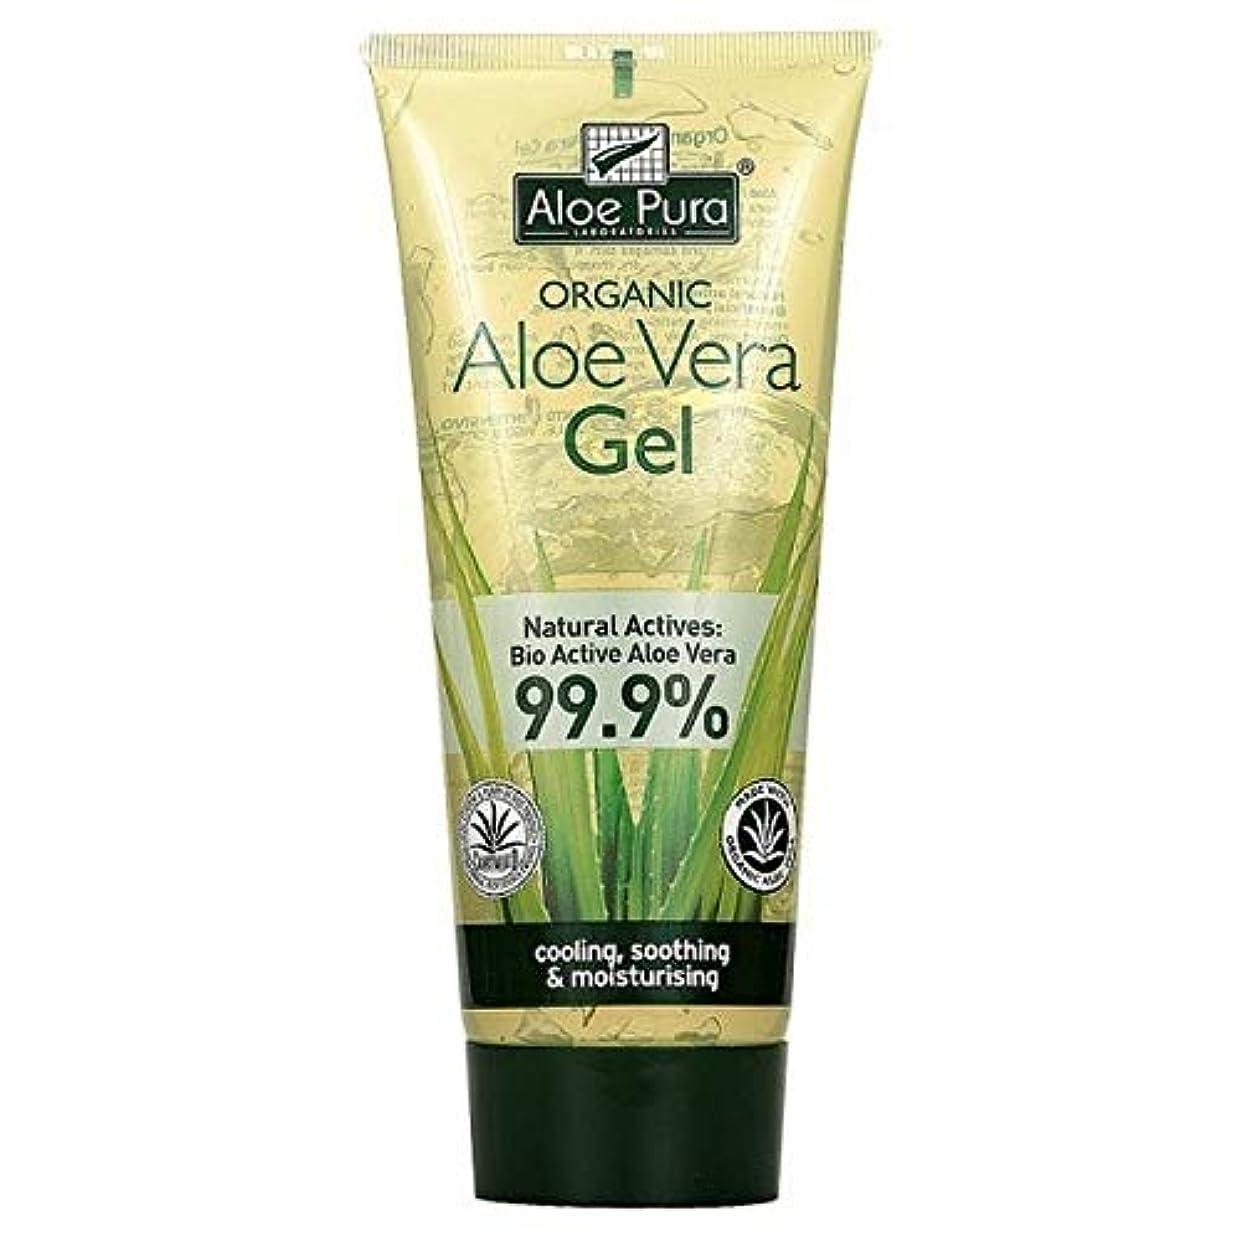 報告書ライム複製する[Aloe Pura ] アロエプラのアロエベラスキンジェル200Ml - Aloe Pura Aloe Vera Skin Gel 200ml [並行輸入品]